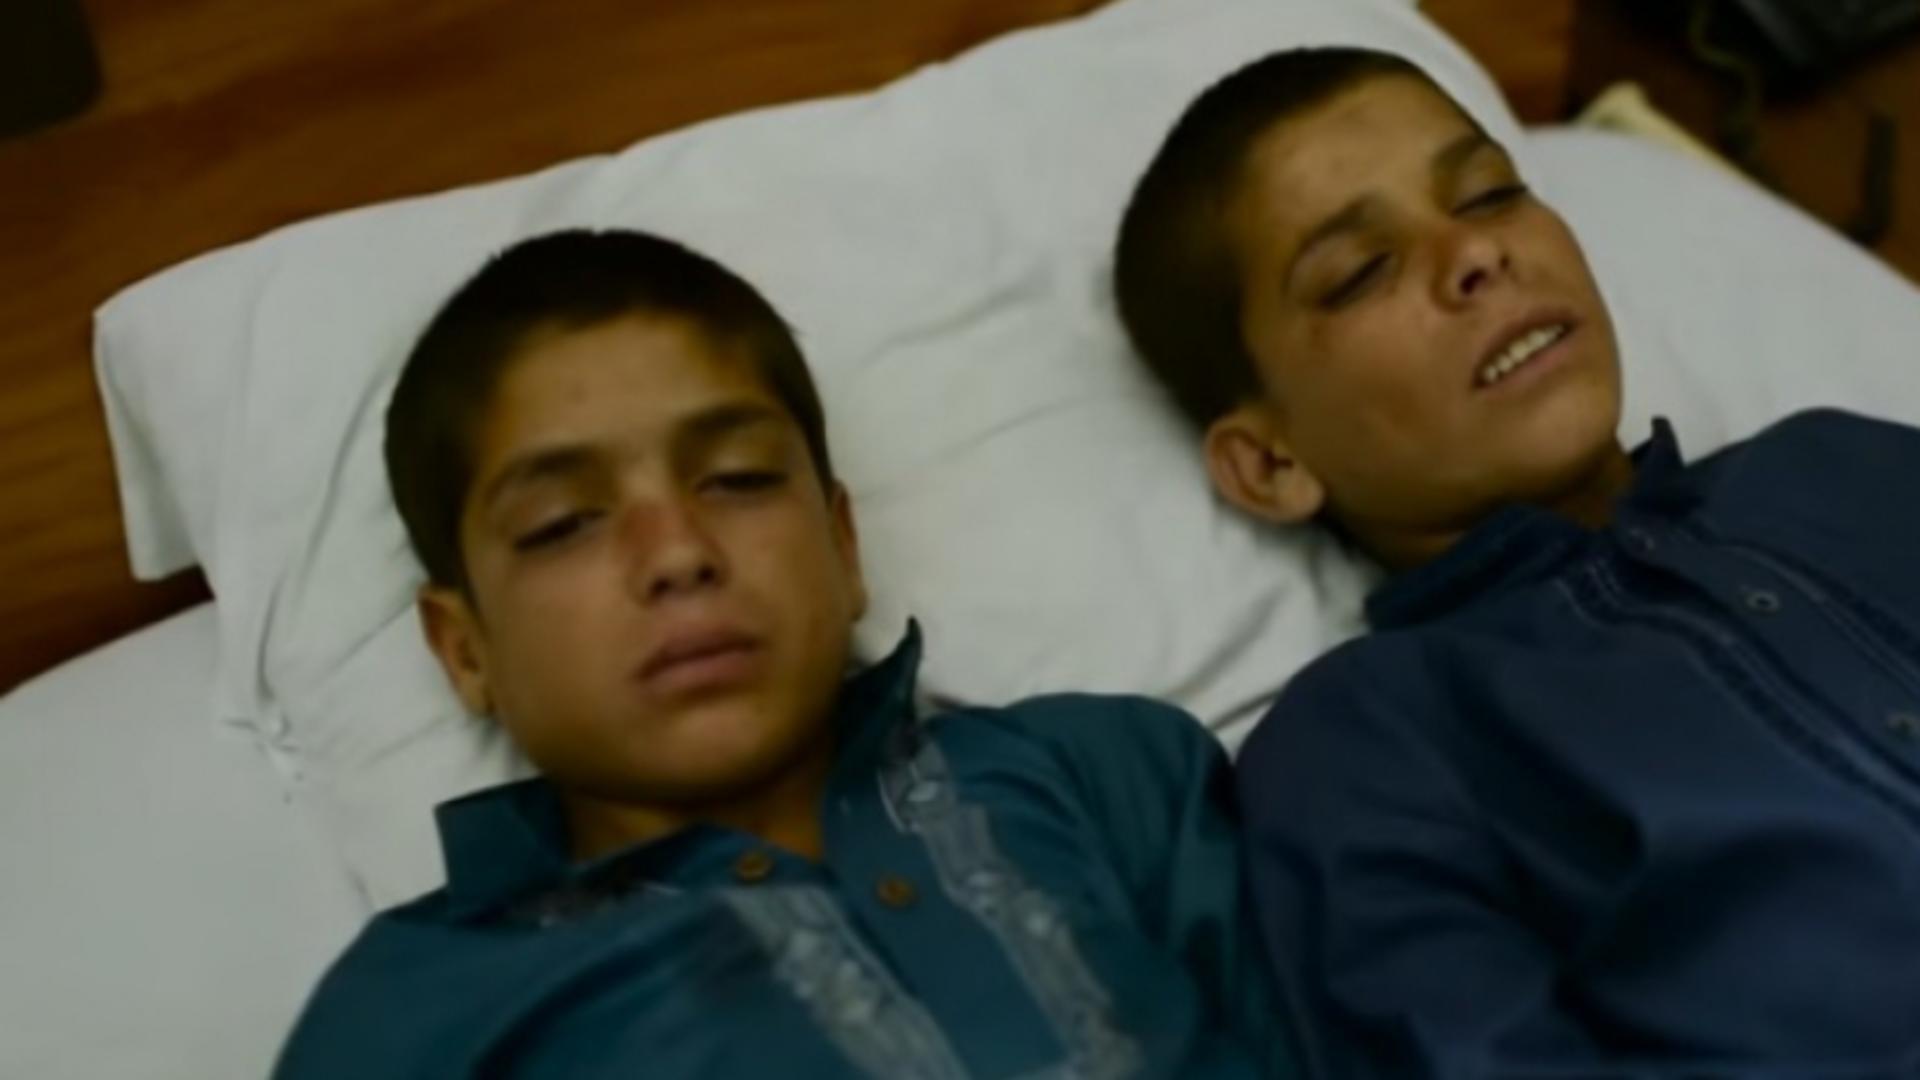 Abdul Rasheed și Shoaib Ahmed